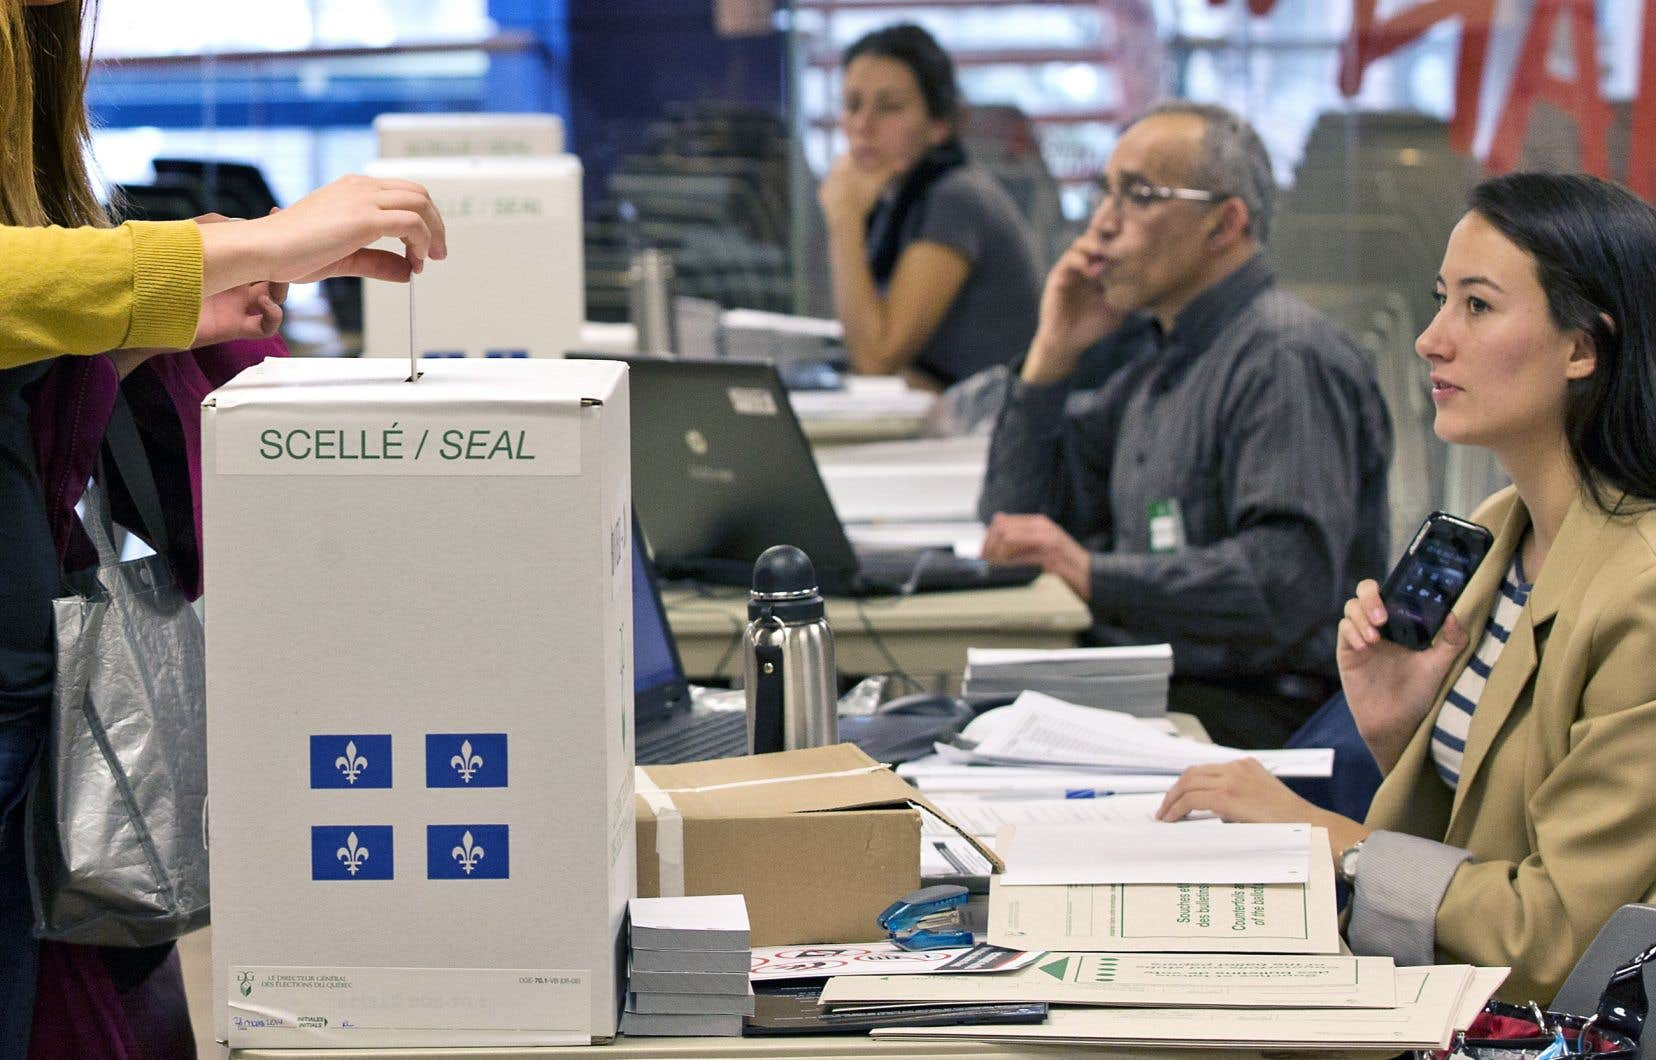 Le mode de scrutin actuel pose problème pour 60% des Québécois.